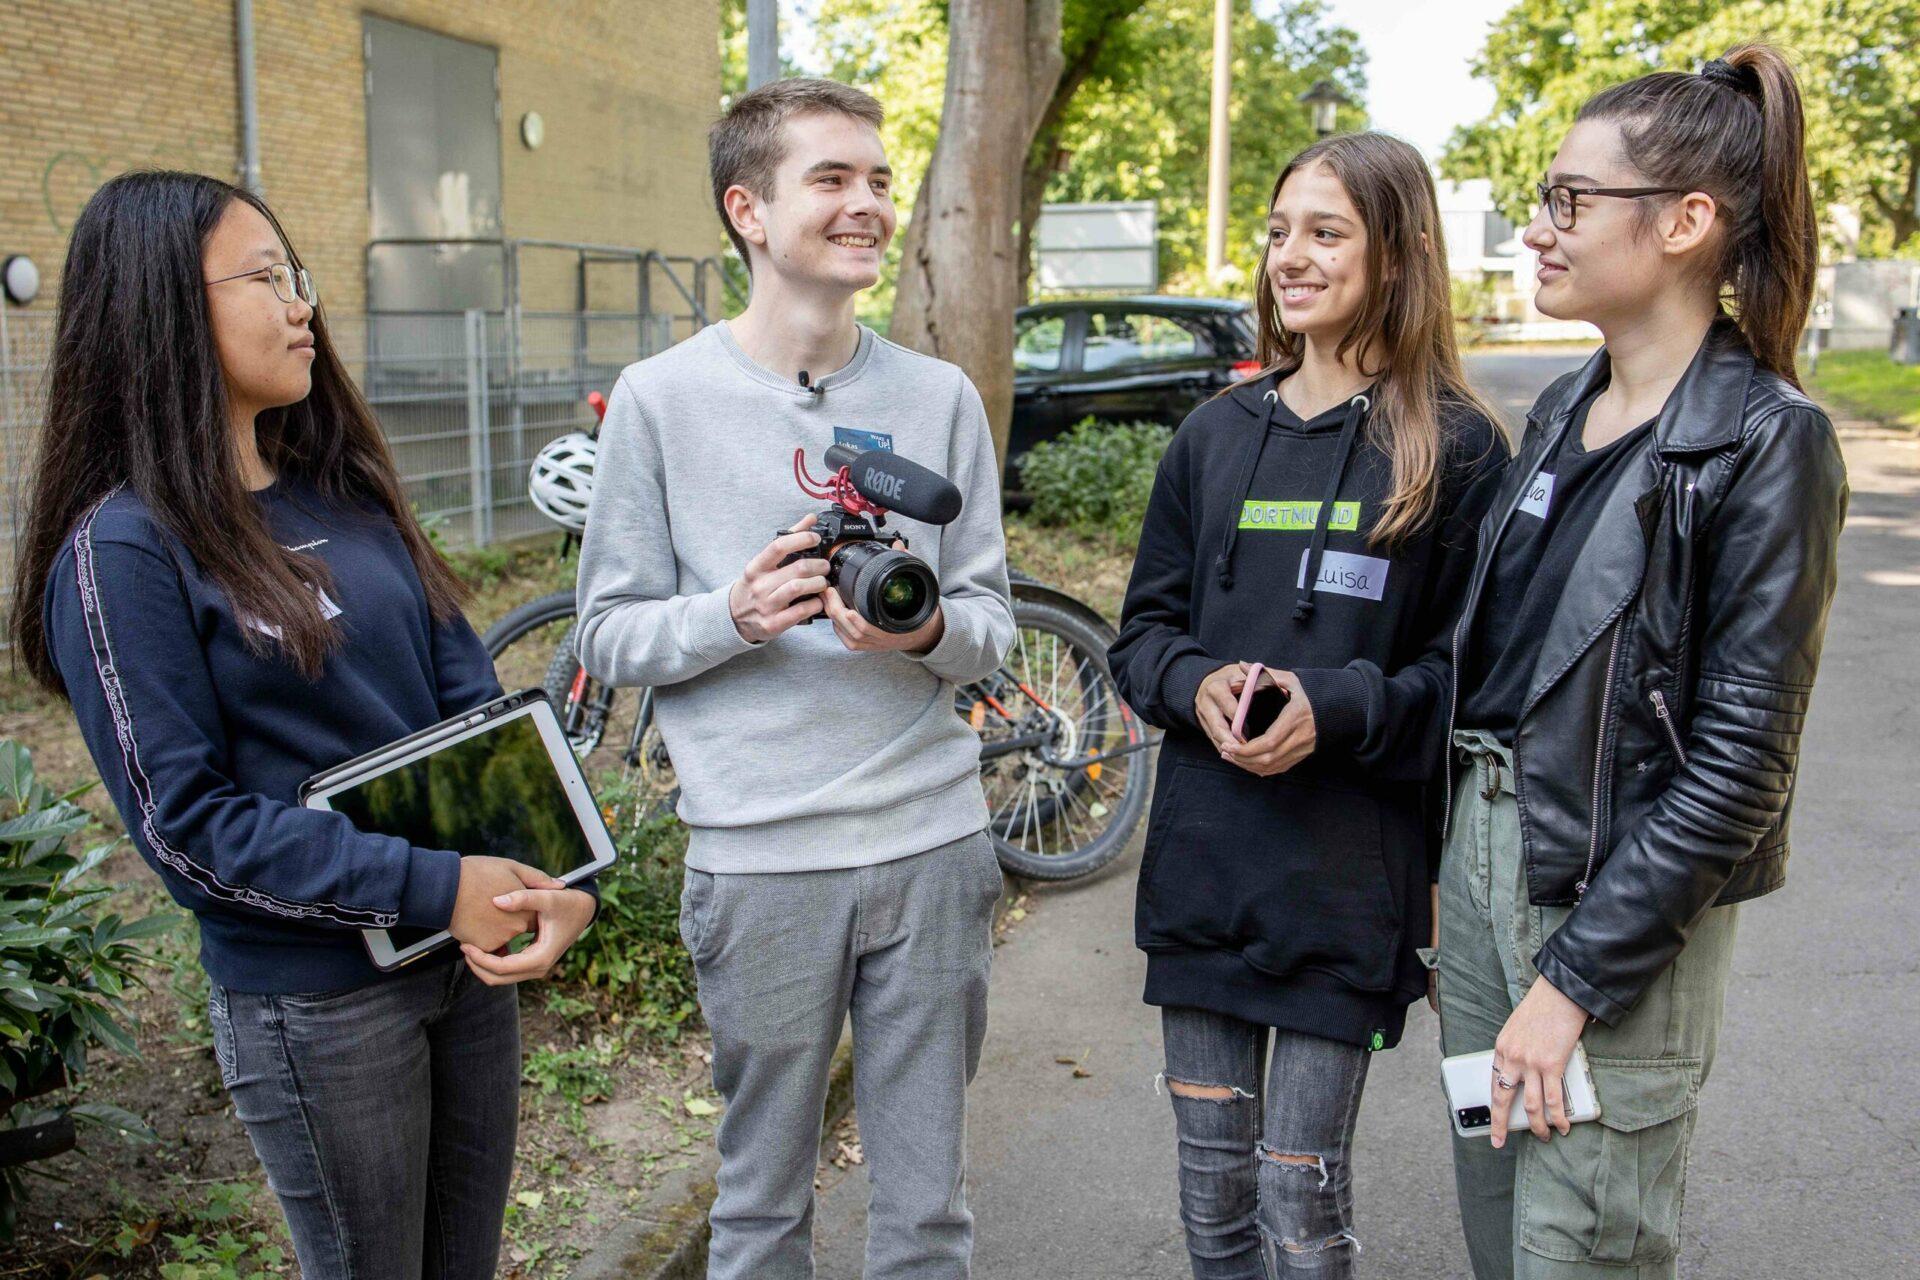 Videowettbewerb: Jugendliche drehen Videos gegen Cybermobbing